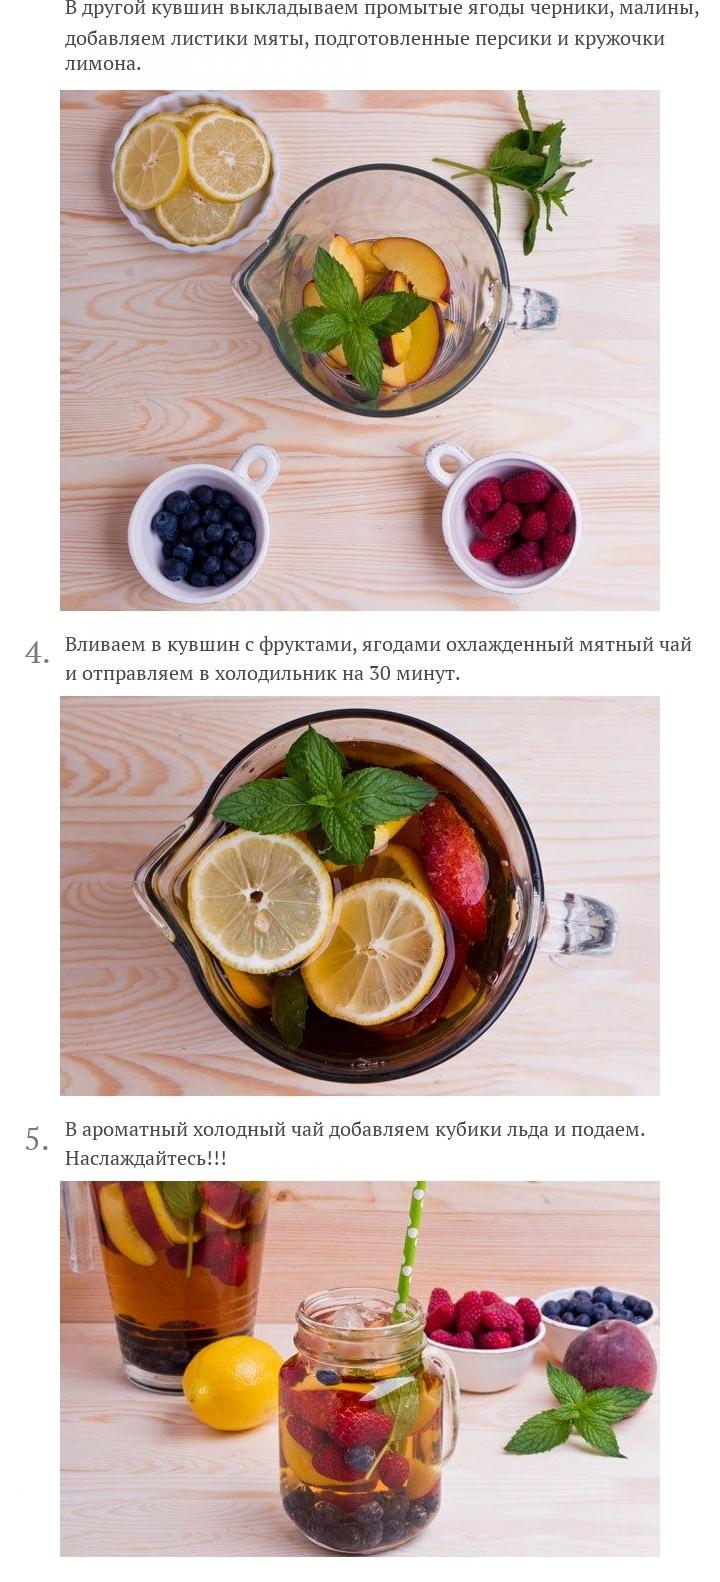 Холодный чай с фруктами и ягодами, изображение №3